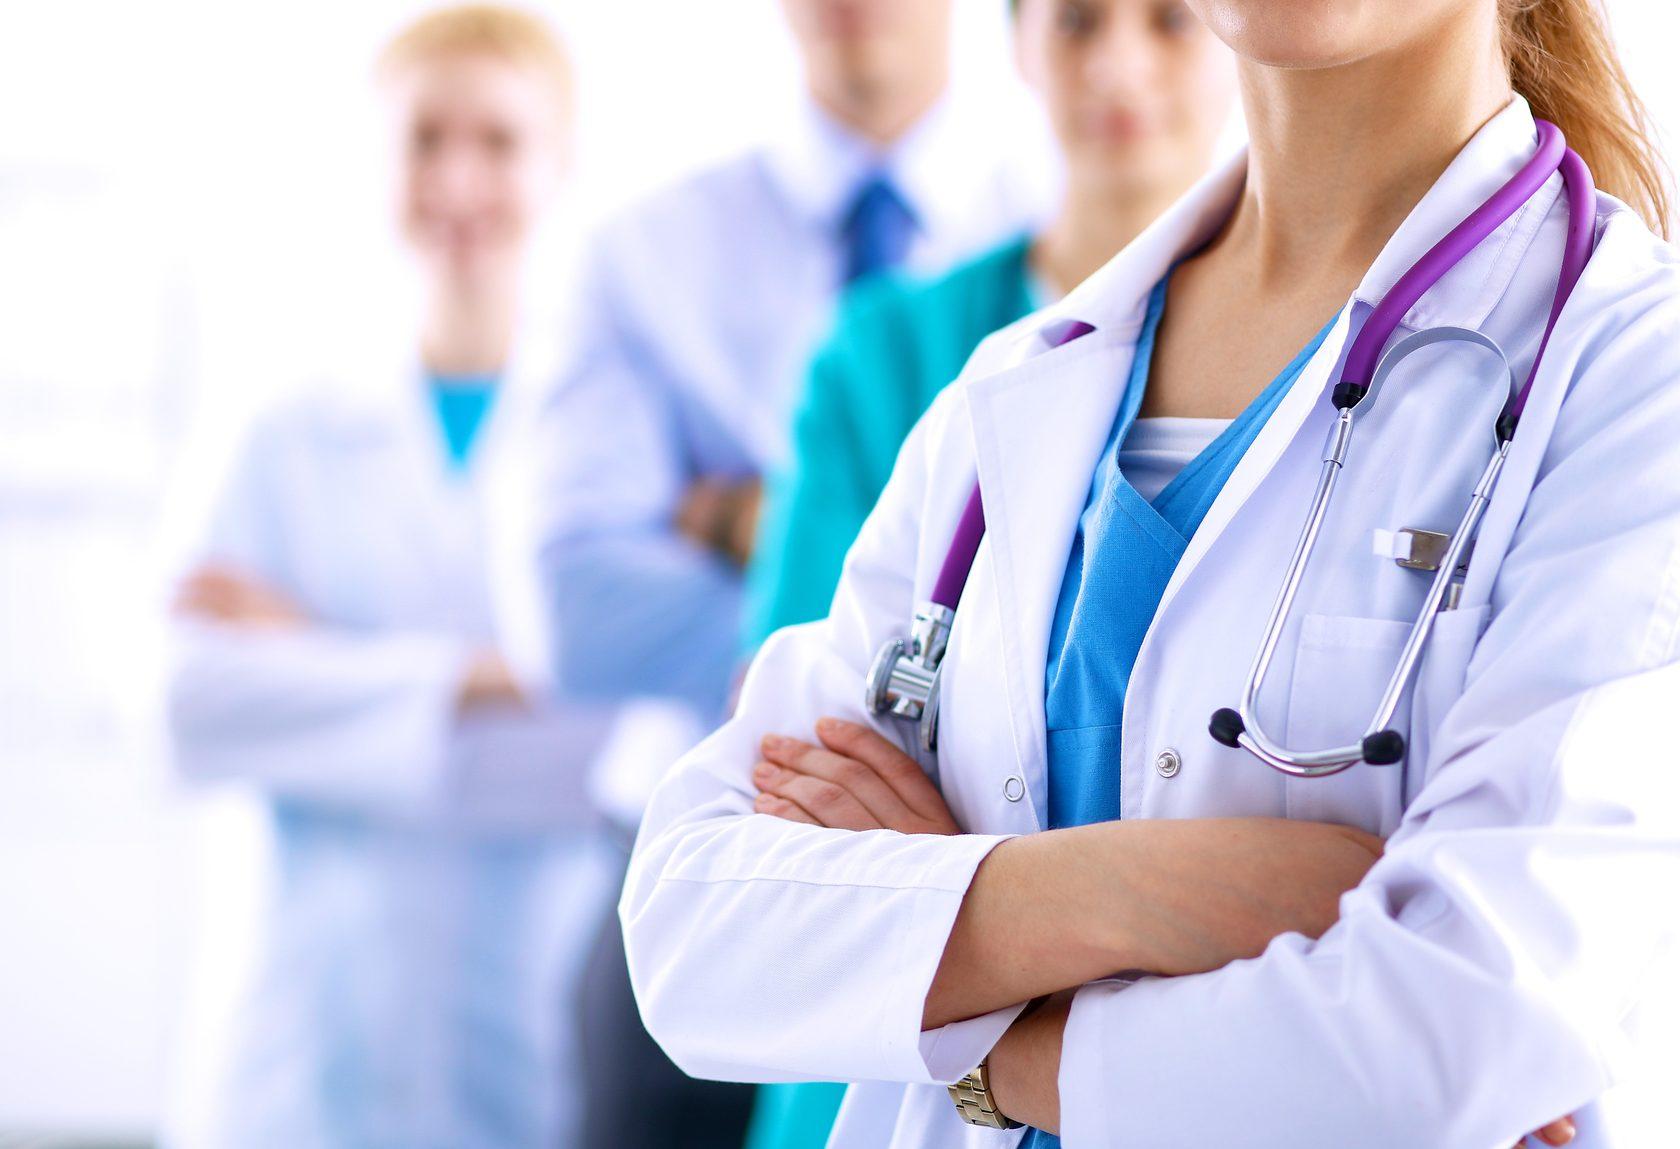 День медицинского работника празднуется в Казахстане